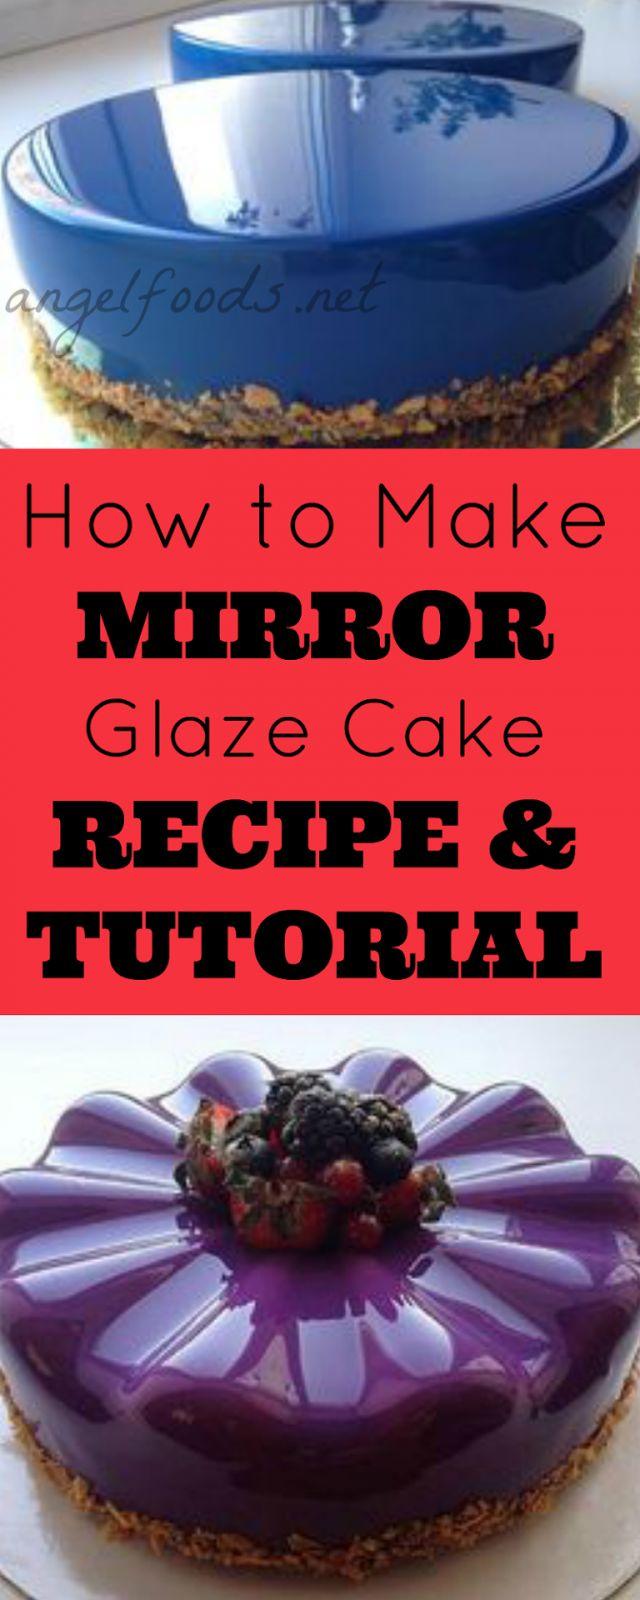 How to Make Mirror Glaze (Shiny) Cakes    Ingredients:   20 g Gelatin Powder,  120 g Water,  300 g Glucose,  300 g Sugar,  150 g ...